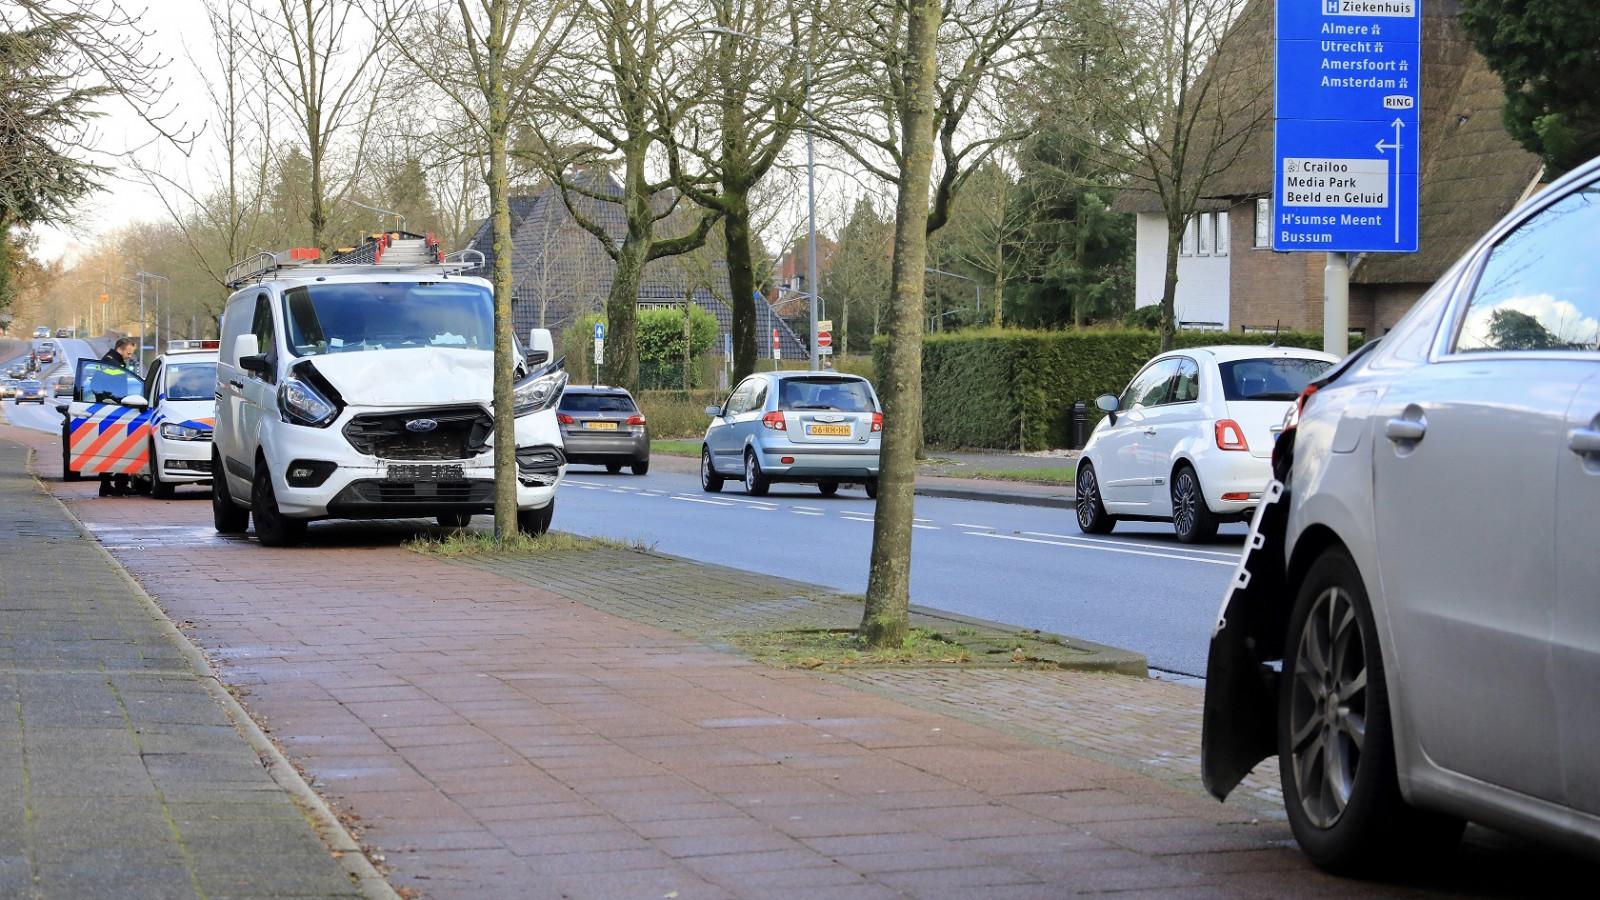 Veel schade bij botsing tussen autos in Hilversum.